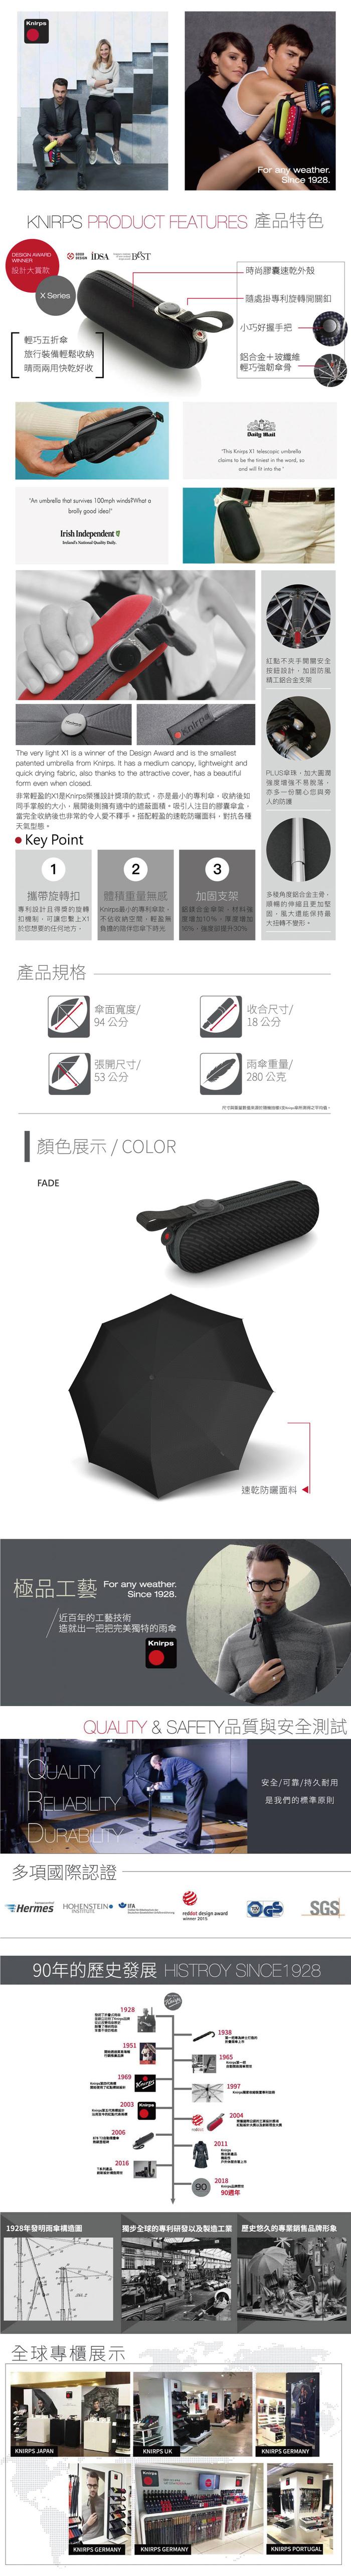 (複製)Knirps德國紅點傘 X1 膠囊五折傘-Dark Grey